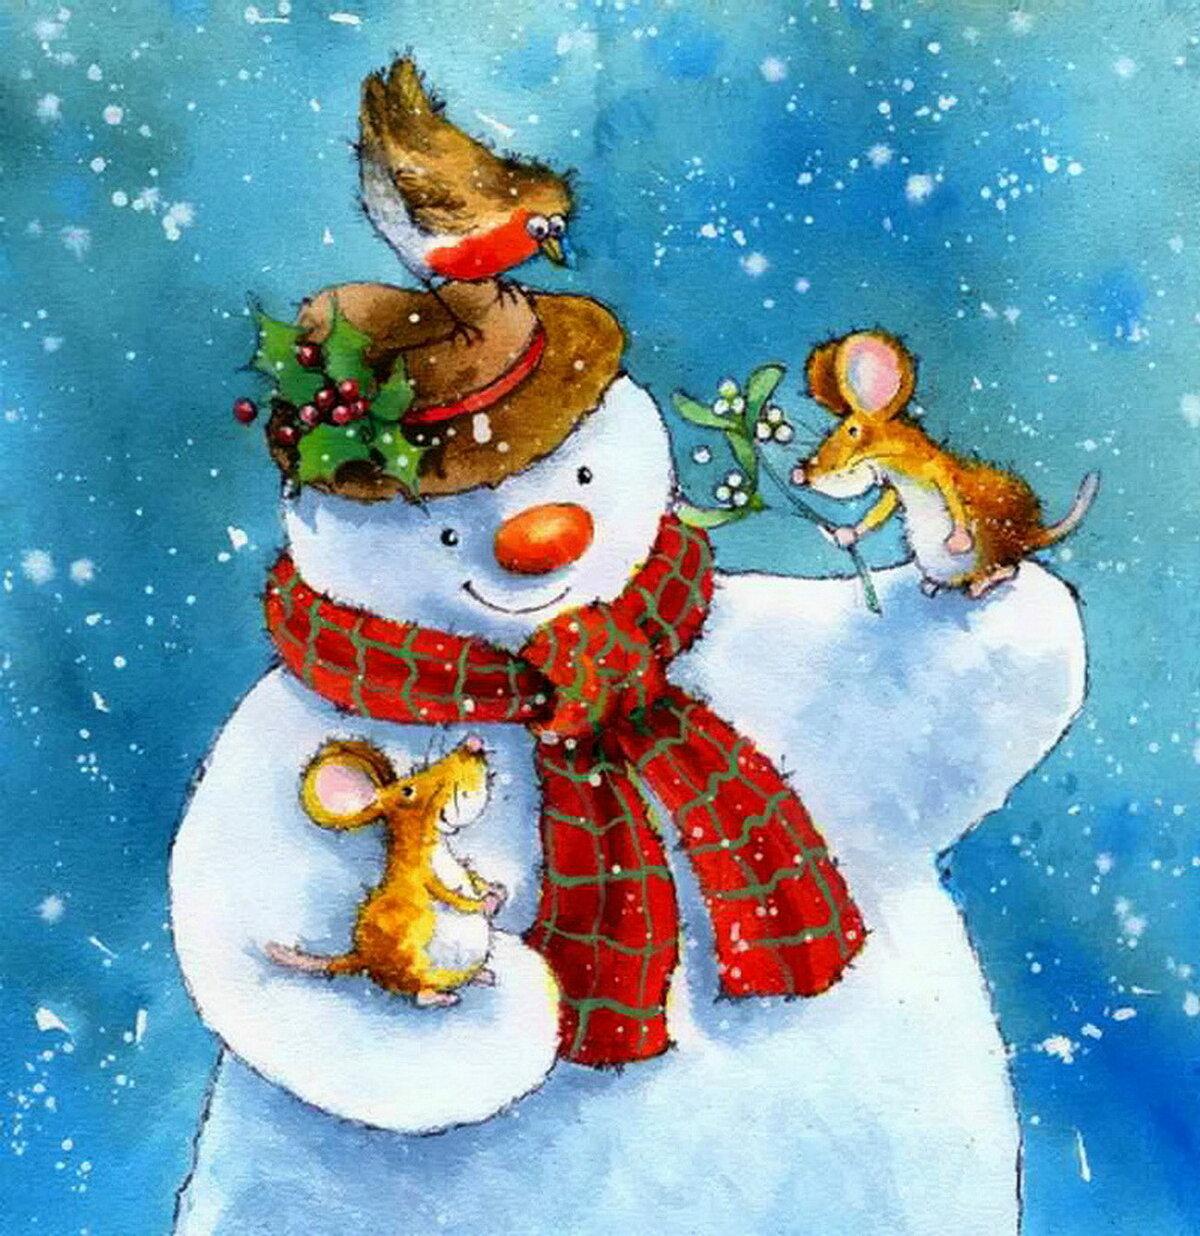 Детские рисованные открытки с новым годом